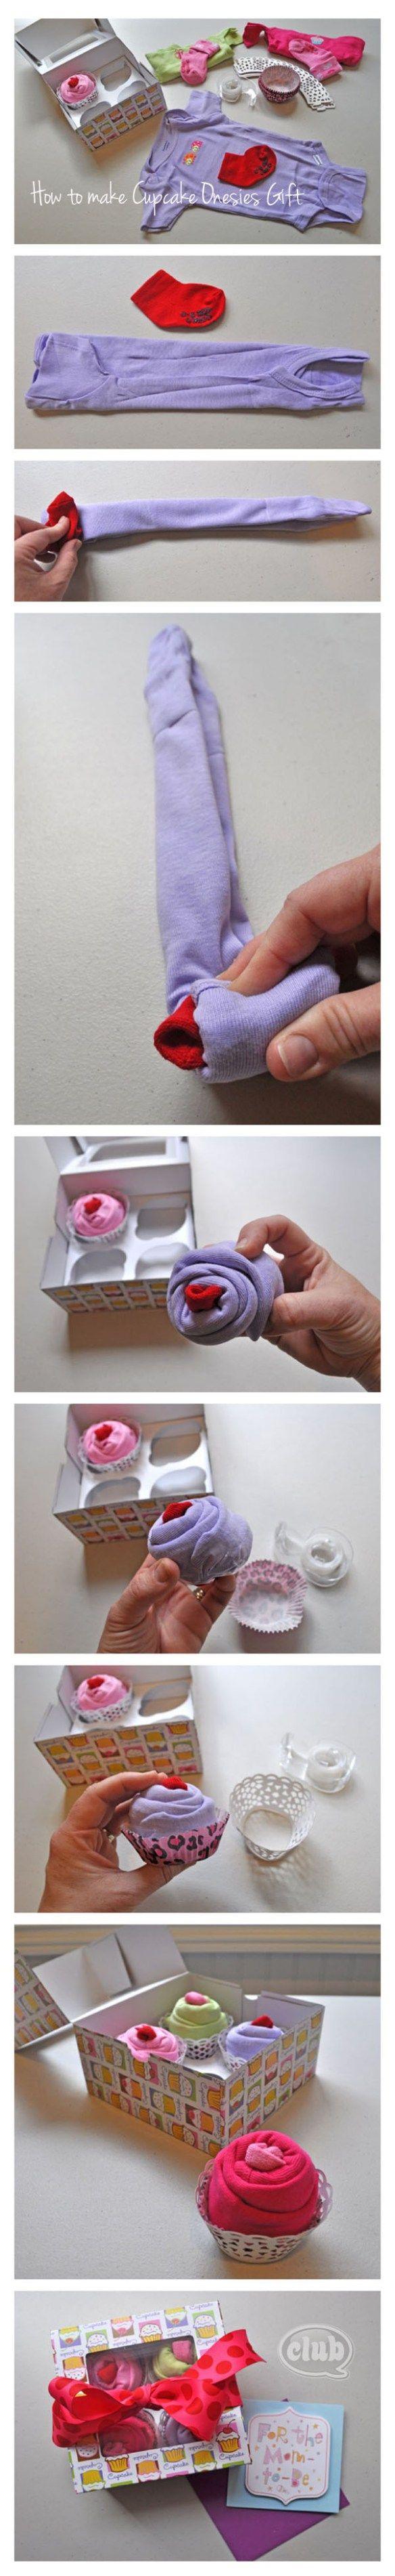 Baby set in a cupcake // Jak zapakować prezent dla niemowlaka